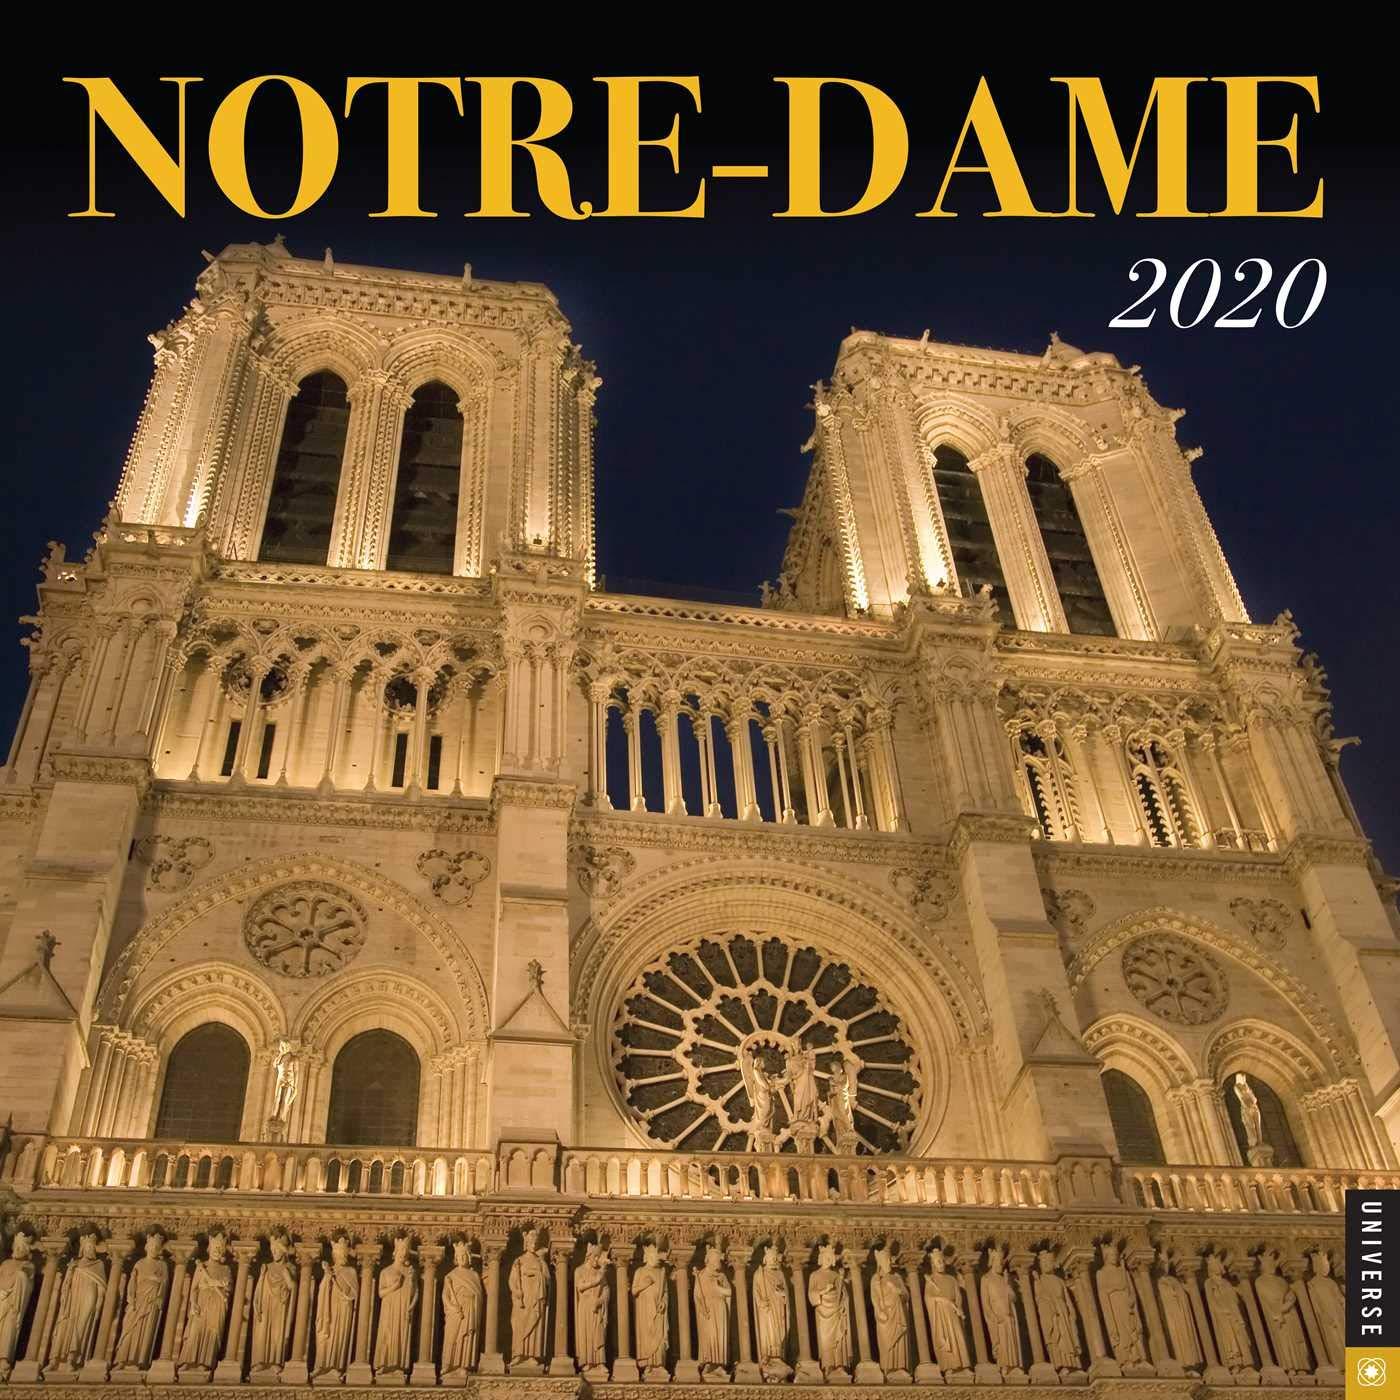 Notre dame schedule 2020